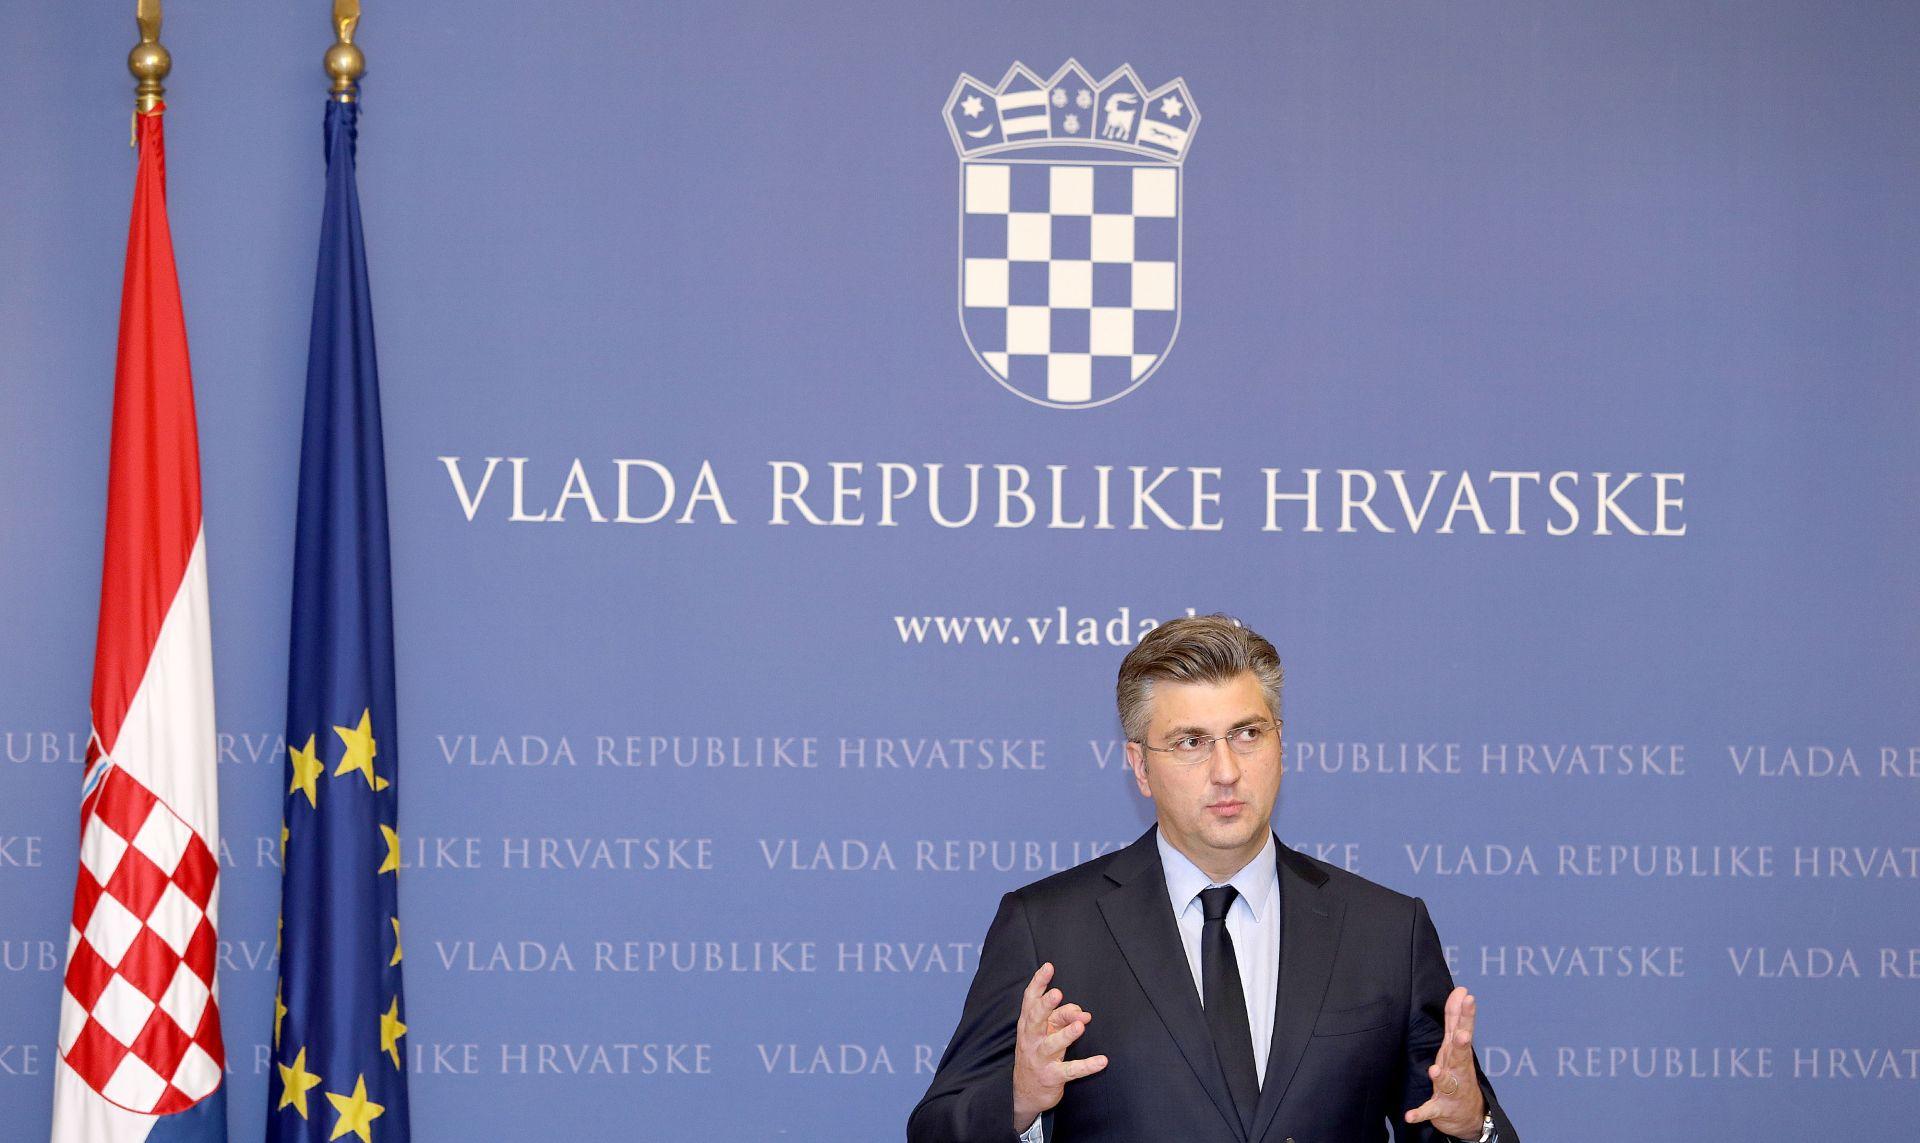 Vlada uputila pismo namjere za punopravno članstvo Hrvatske u OECD-u